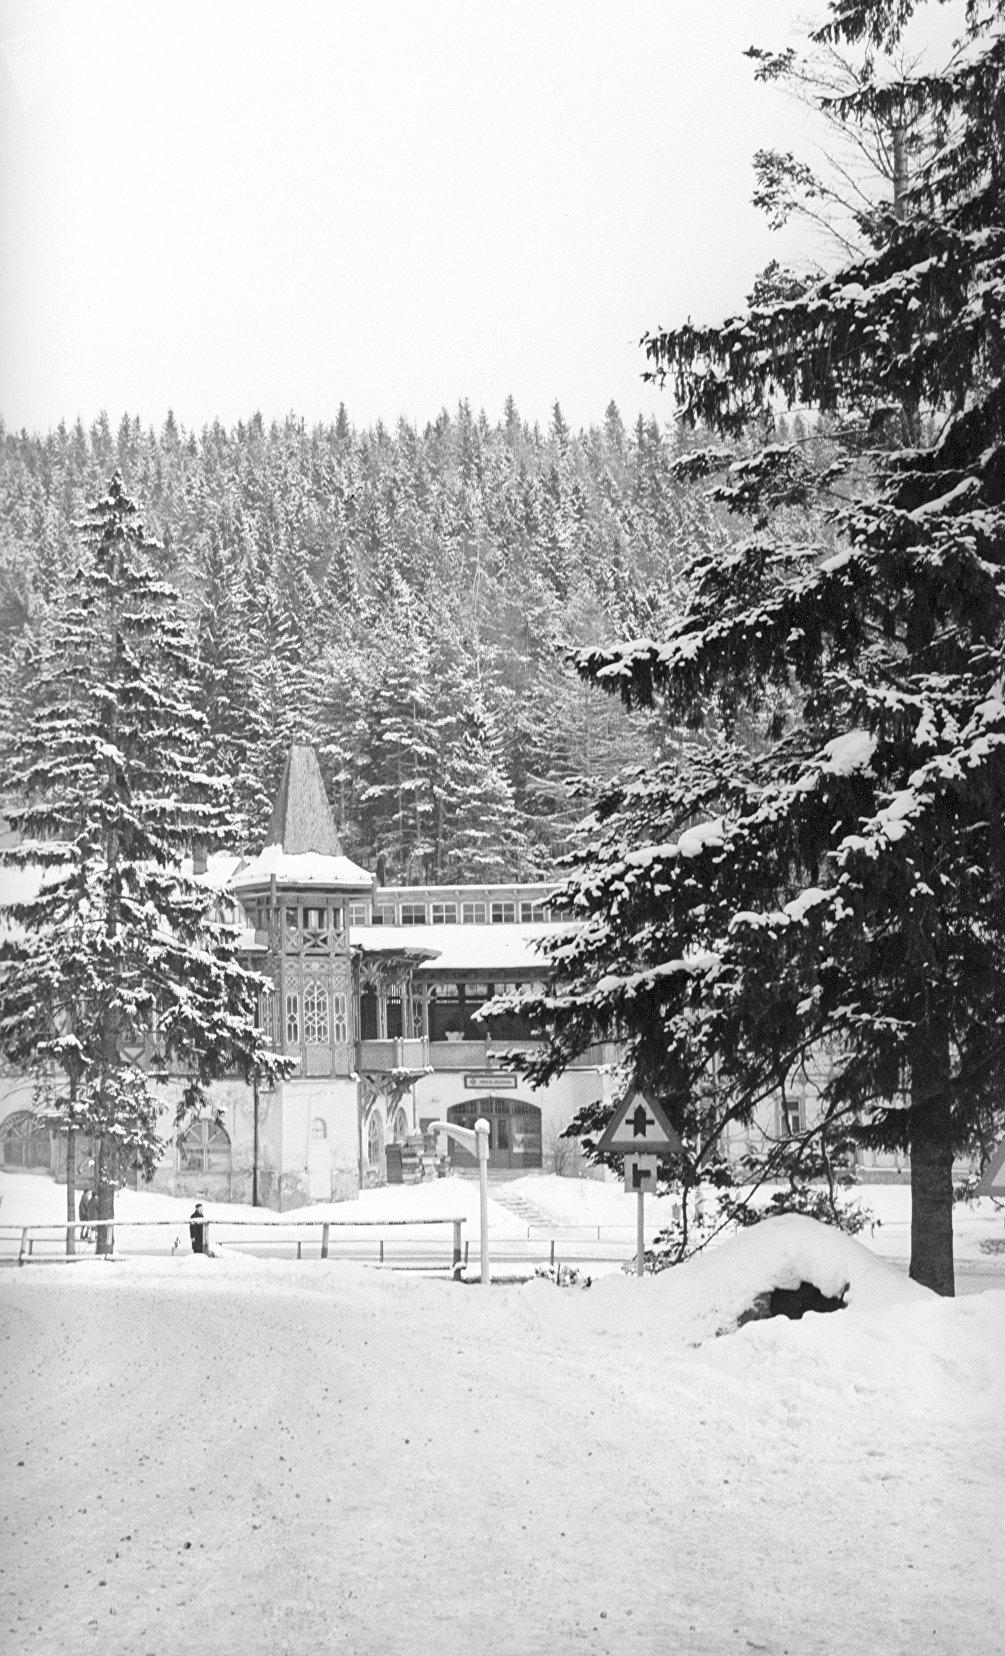 Un albergo nella località montana di Stariy Smokovec, inverno 1985